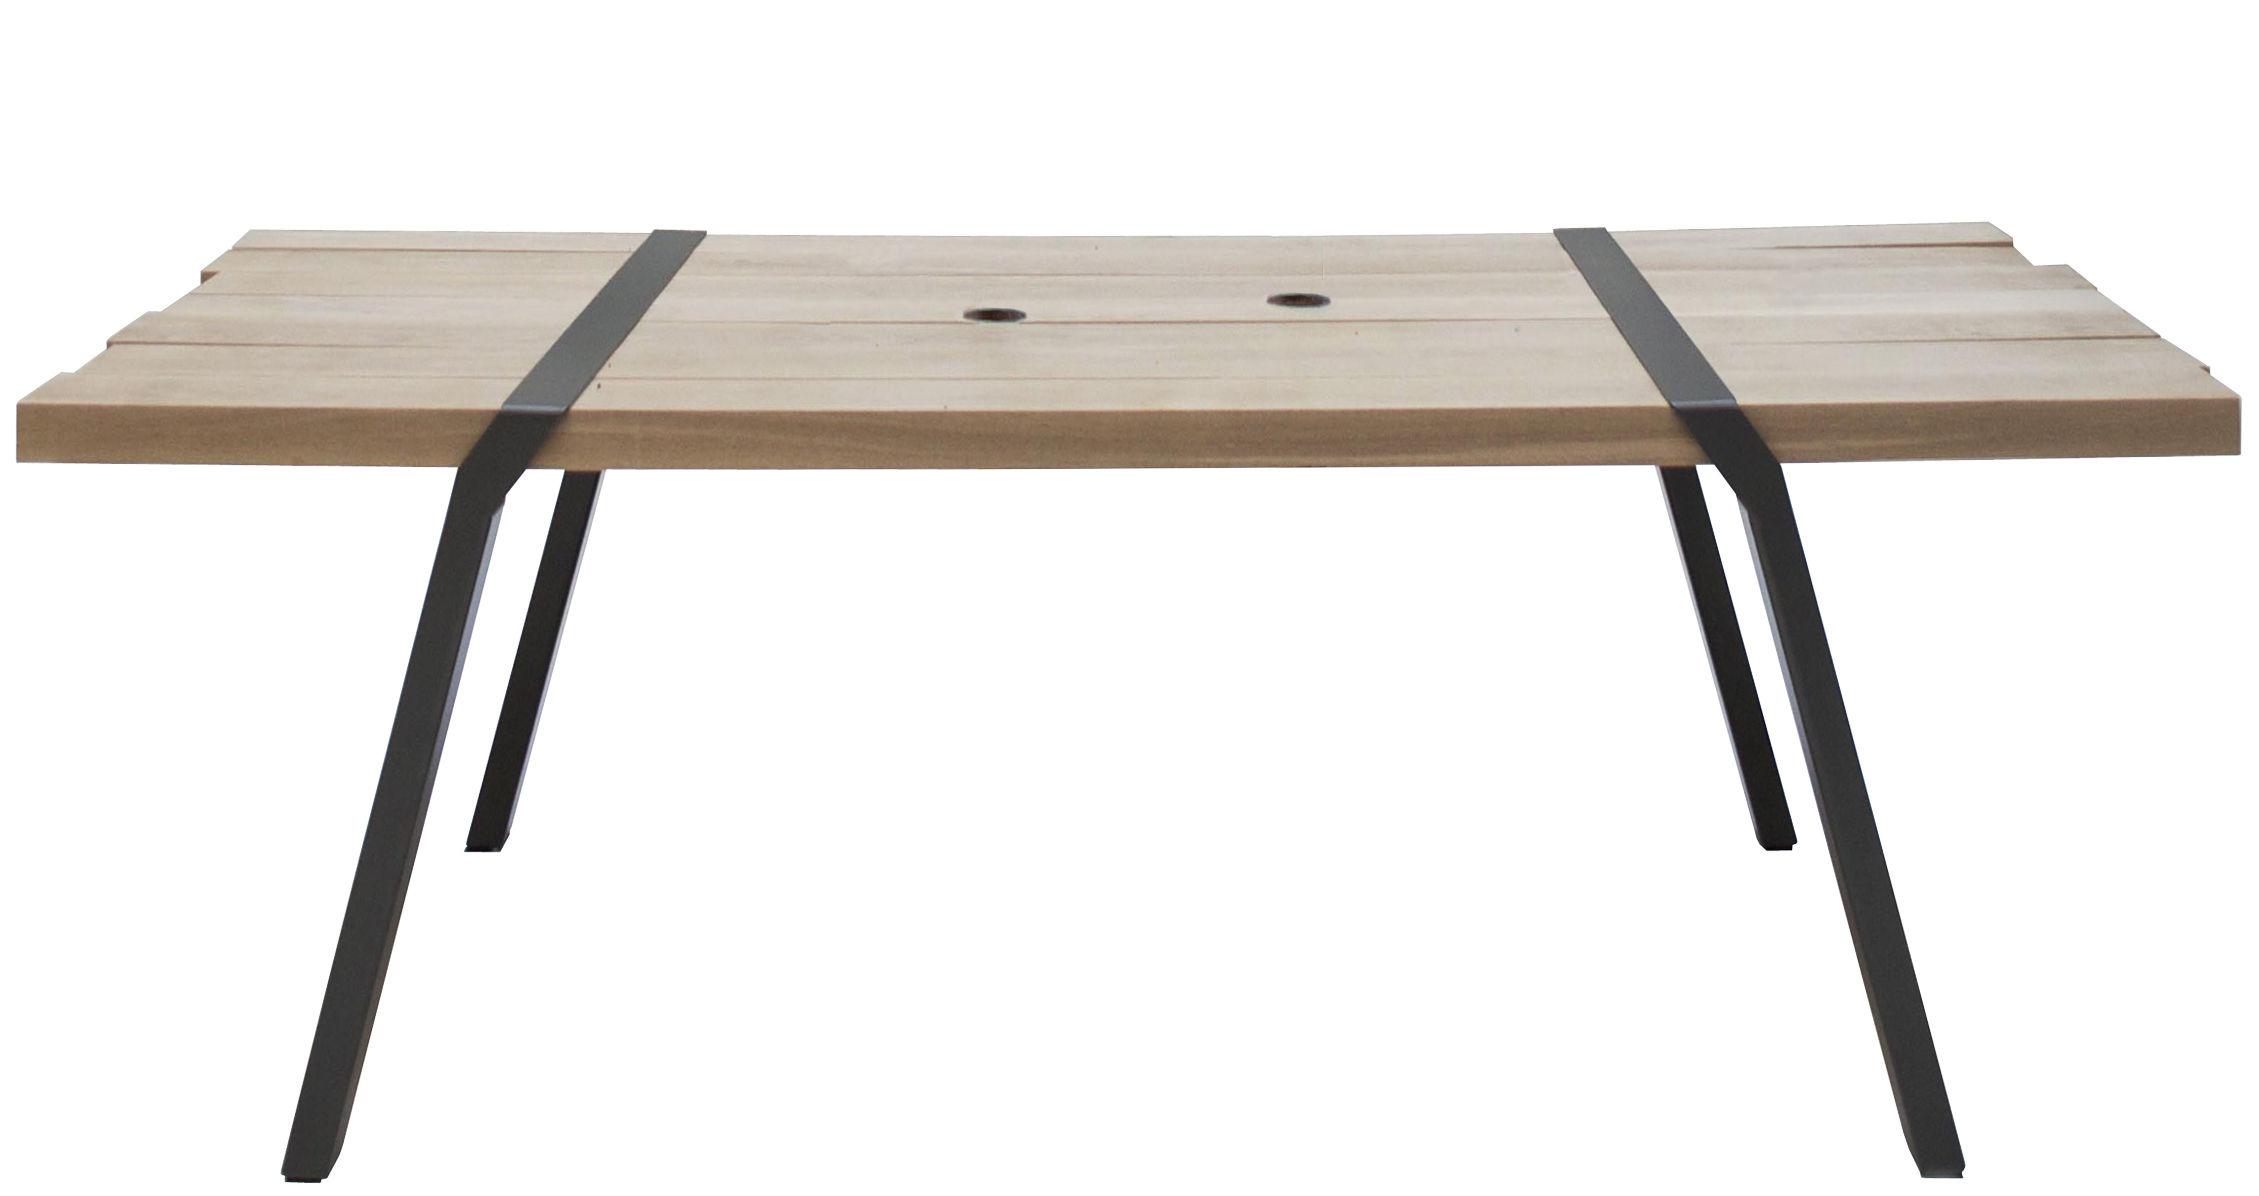 Outdoor - Tables de jardin - Table rectangulaire Pi / 280 x 120 cm - Moaroom - Gris Canon de fusil - Acier peint, Chêne massif